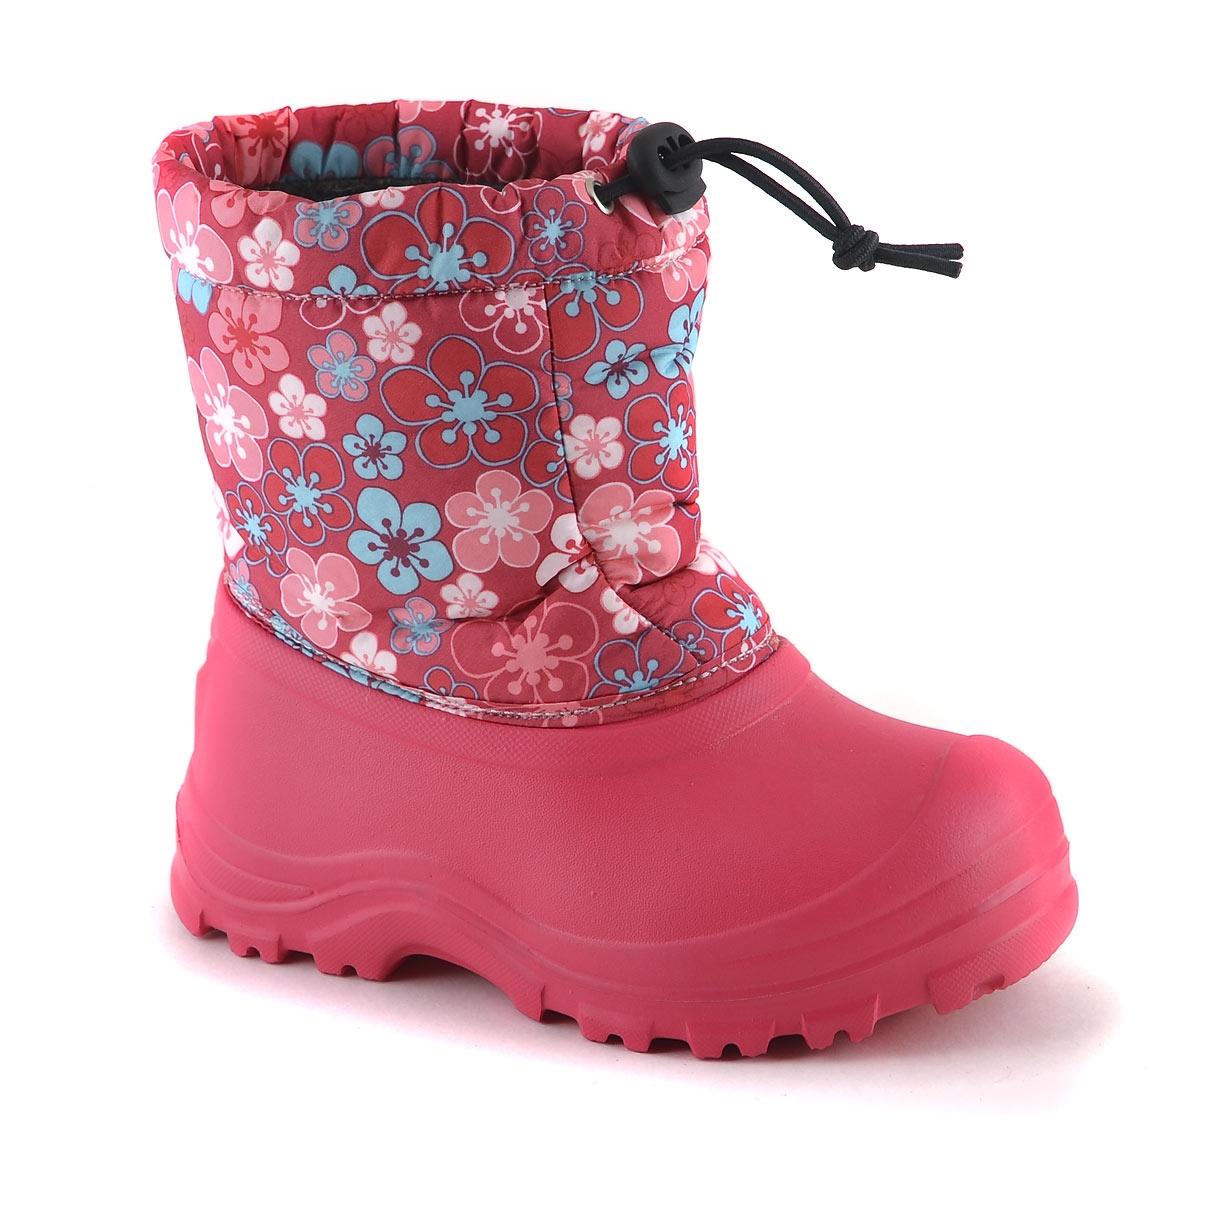 Фото - Сапоги Детский Скороход 16-050-3 туфли для девочки скороход цвет белый голубой 15 311 3 размер 30